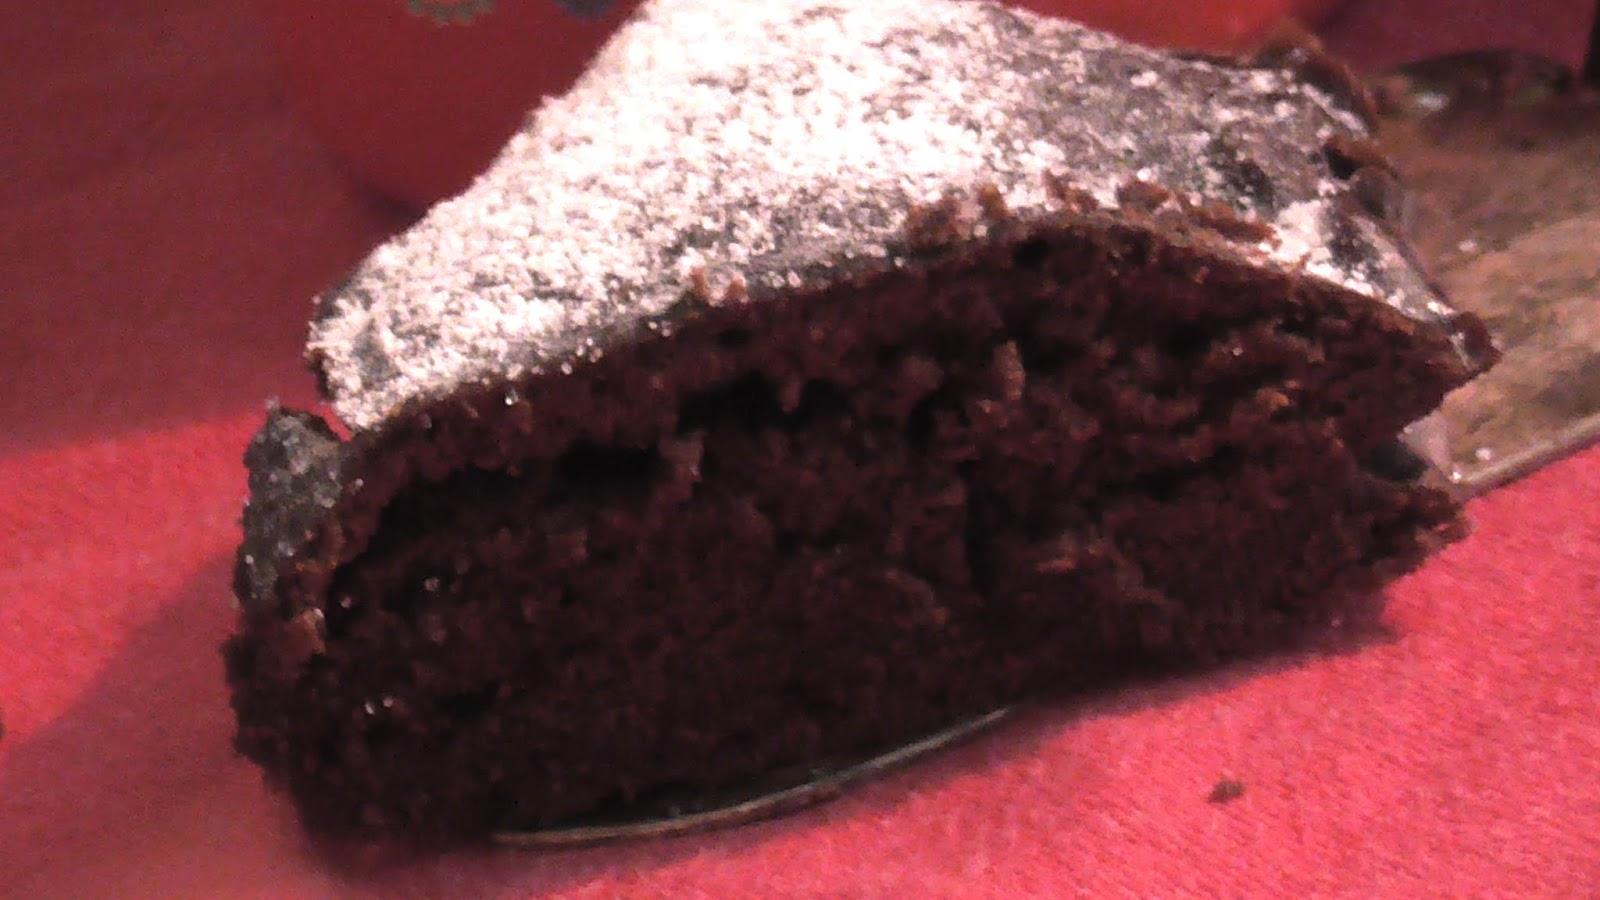 Janas steinzeit video anna maria s schneller for Kuchen zusammenstellen programm